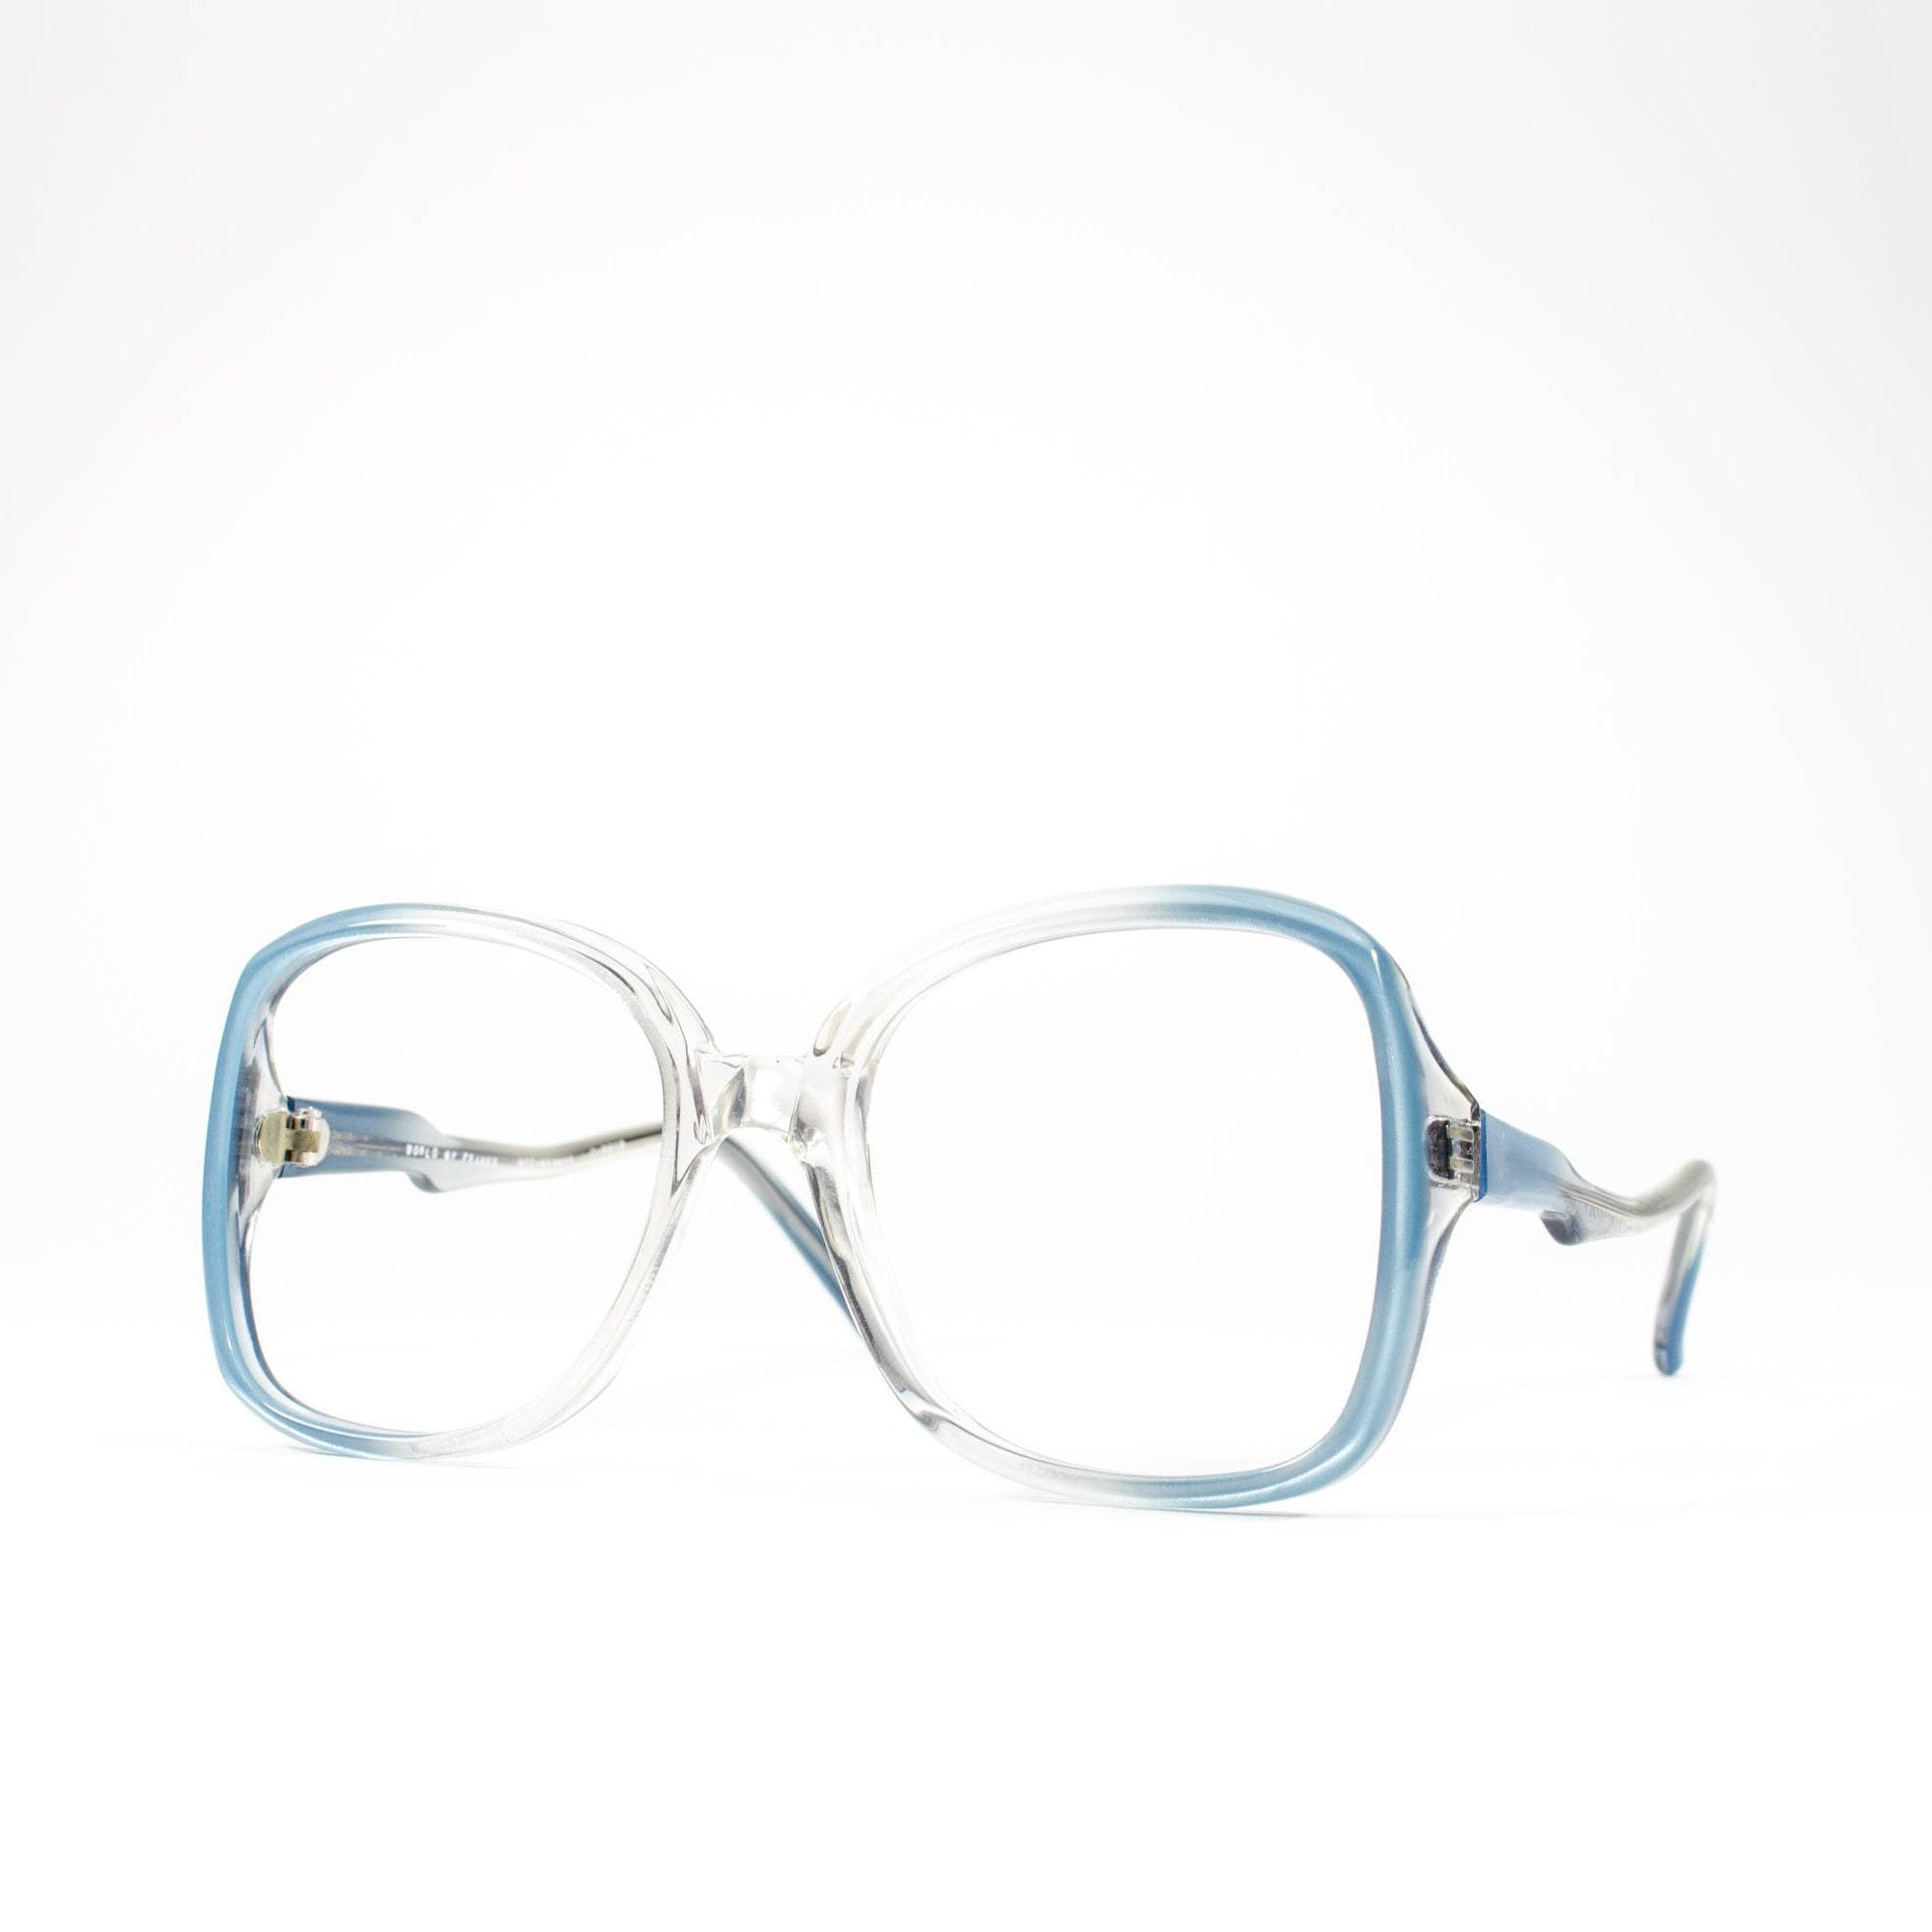 5dcab11fca7e 70s Glasses